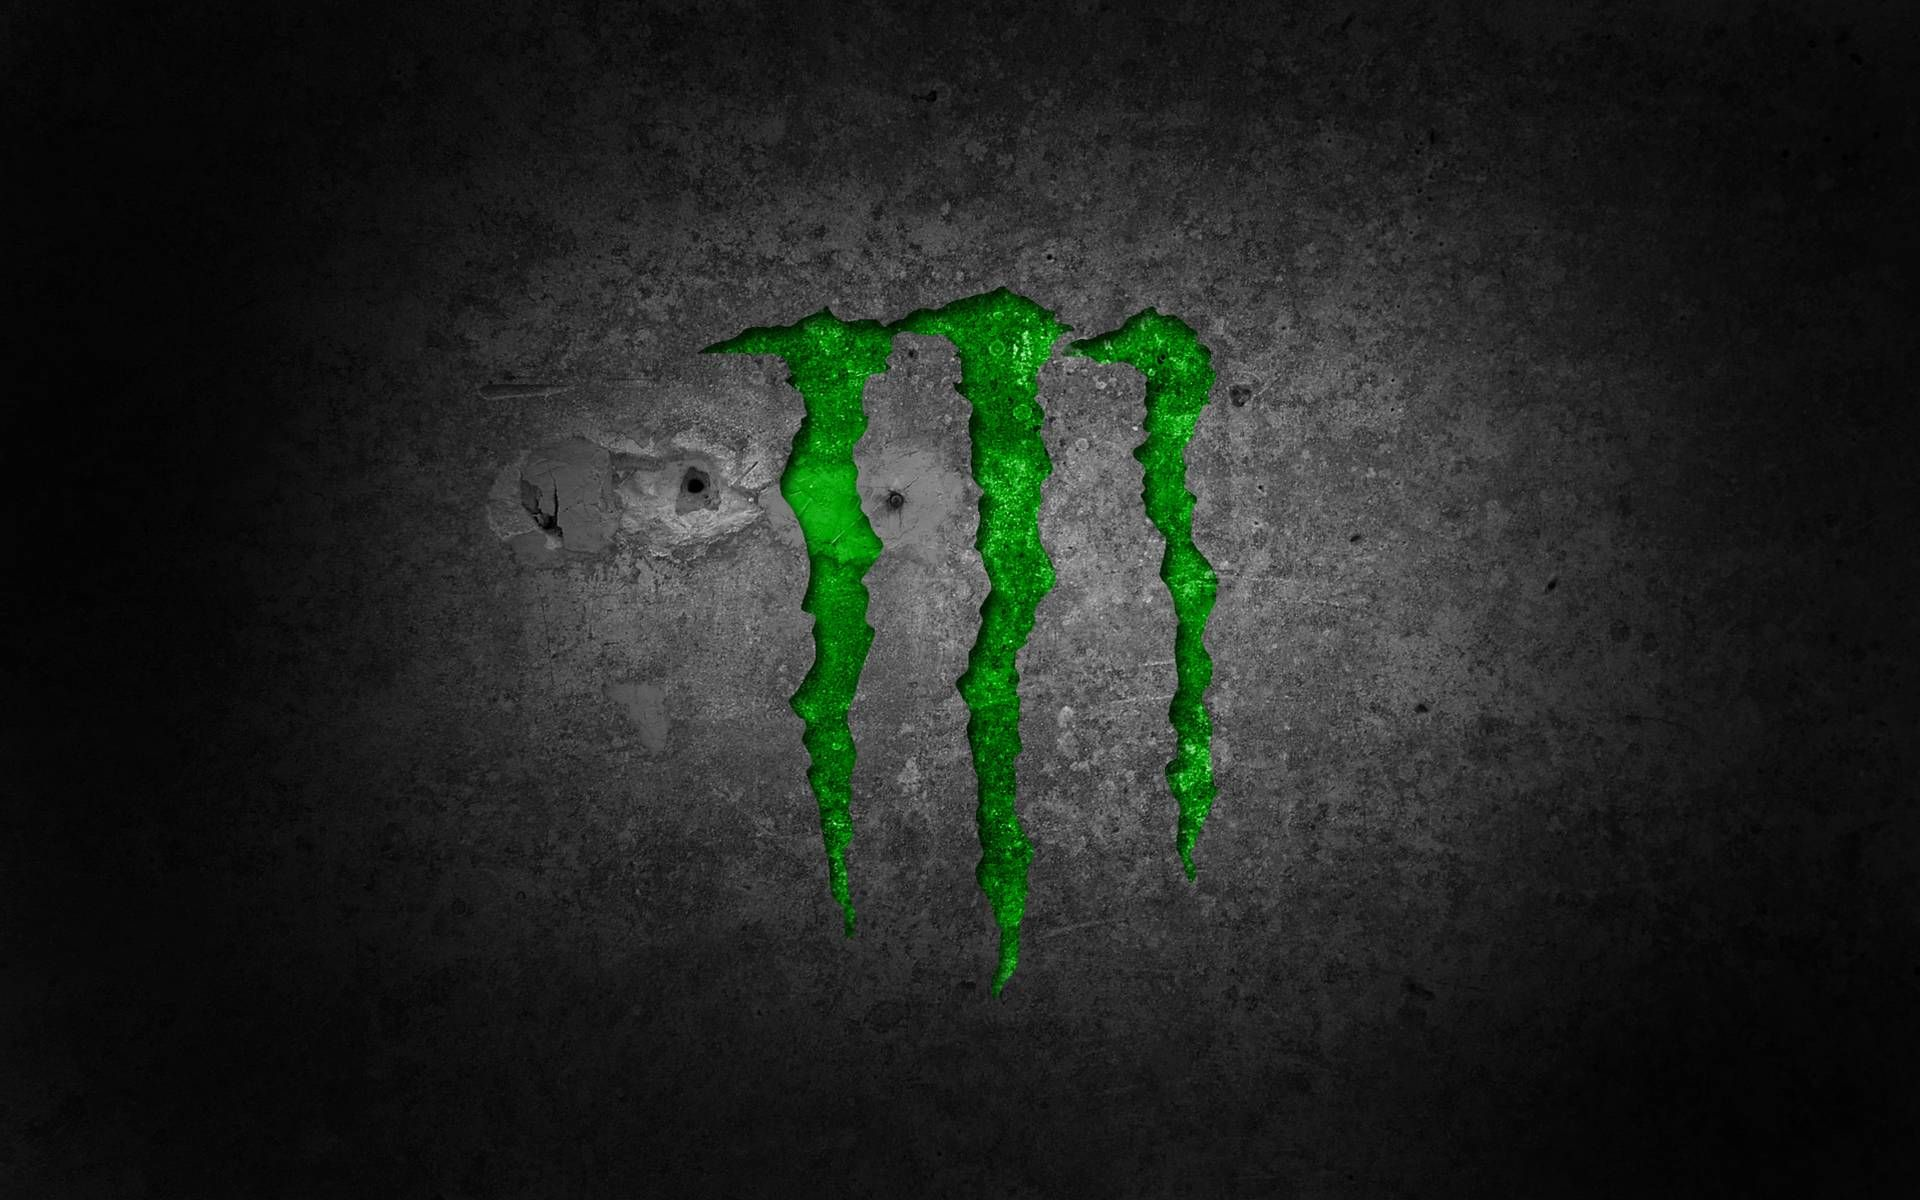 Monster Wallpaper Phone Free Download Monster Pictures Halloween Desktop Wallpaper Wallpaper Website